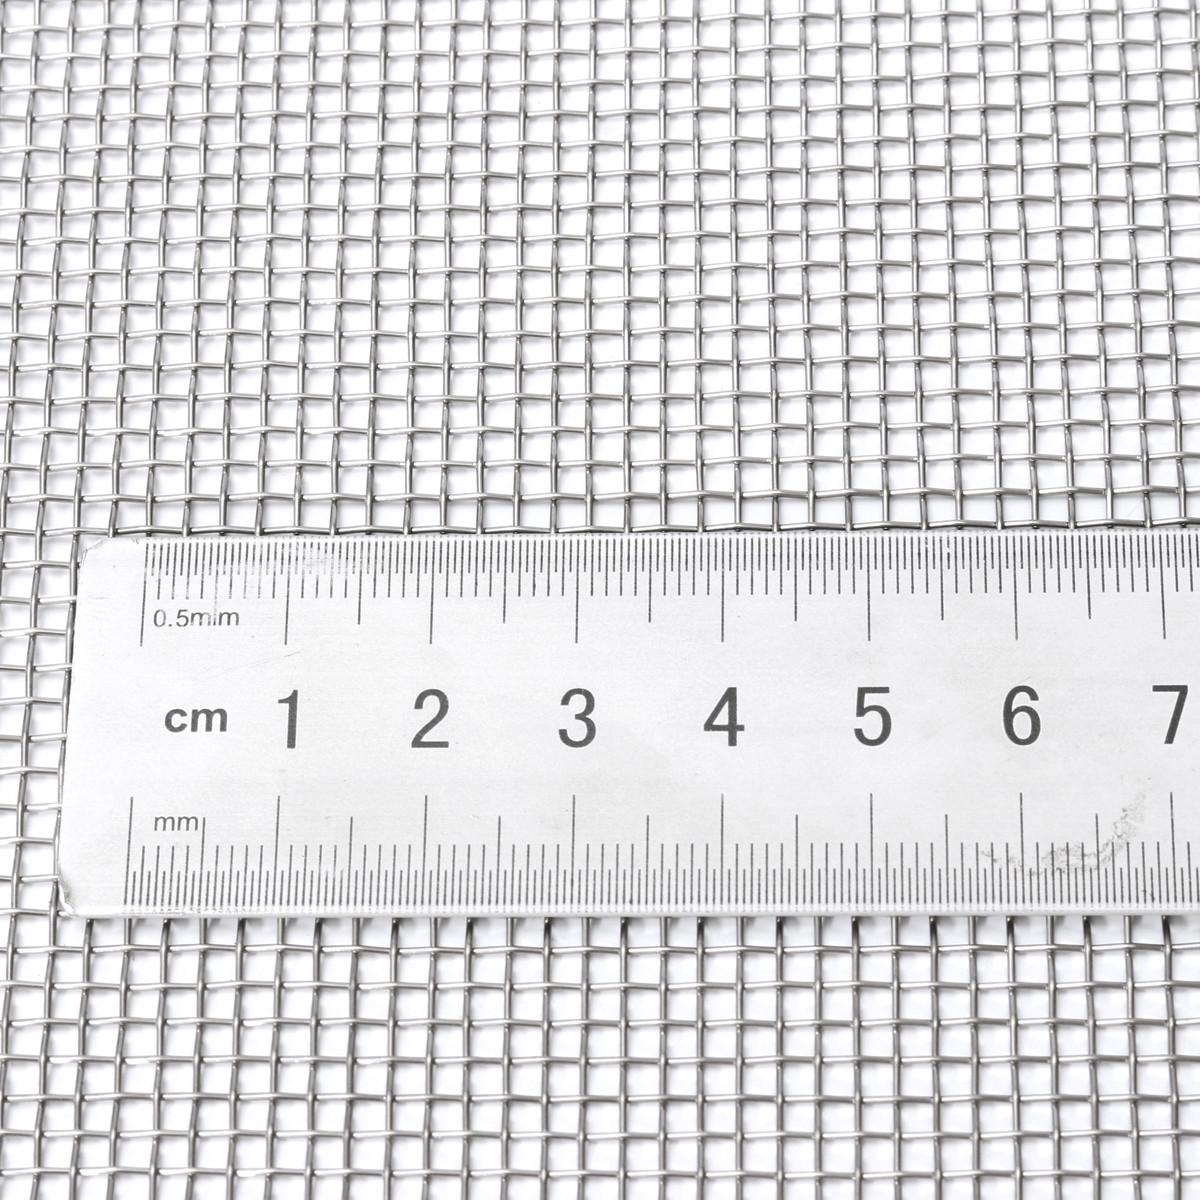 30 Mesh Edelstahlsieb Edelstahlgewebe Siebfilter Drahtgewebe Gitter 30x30 cm DE